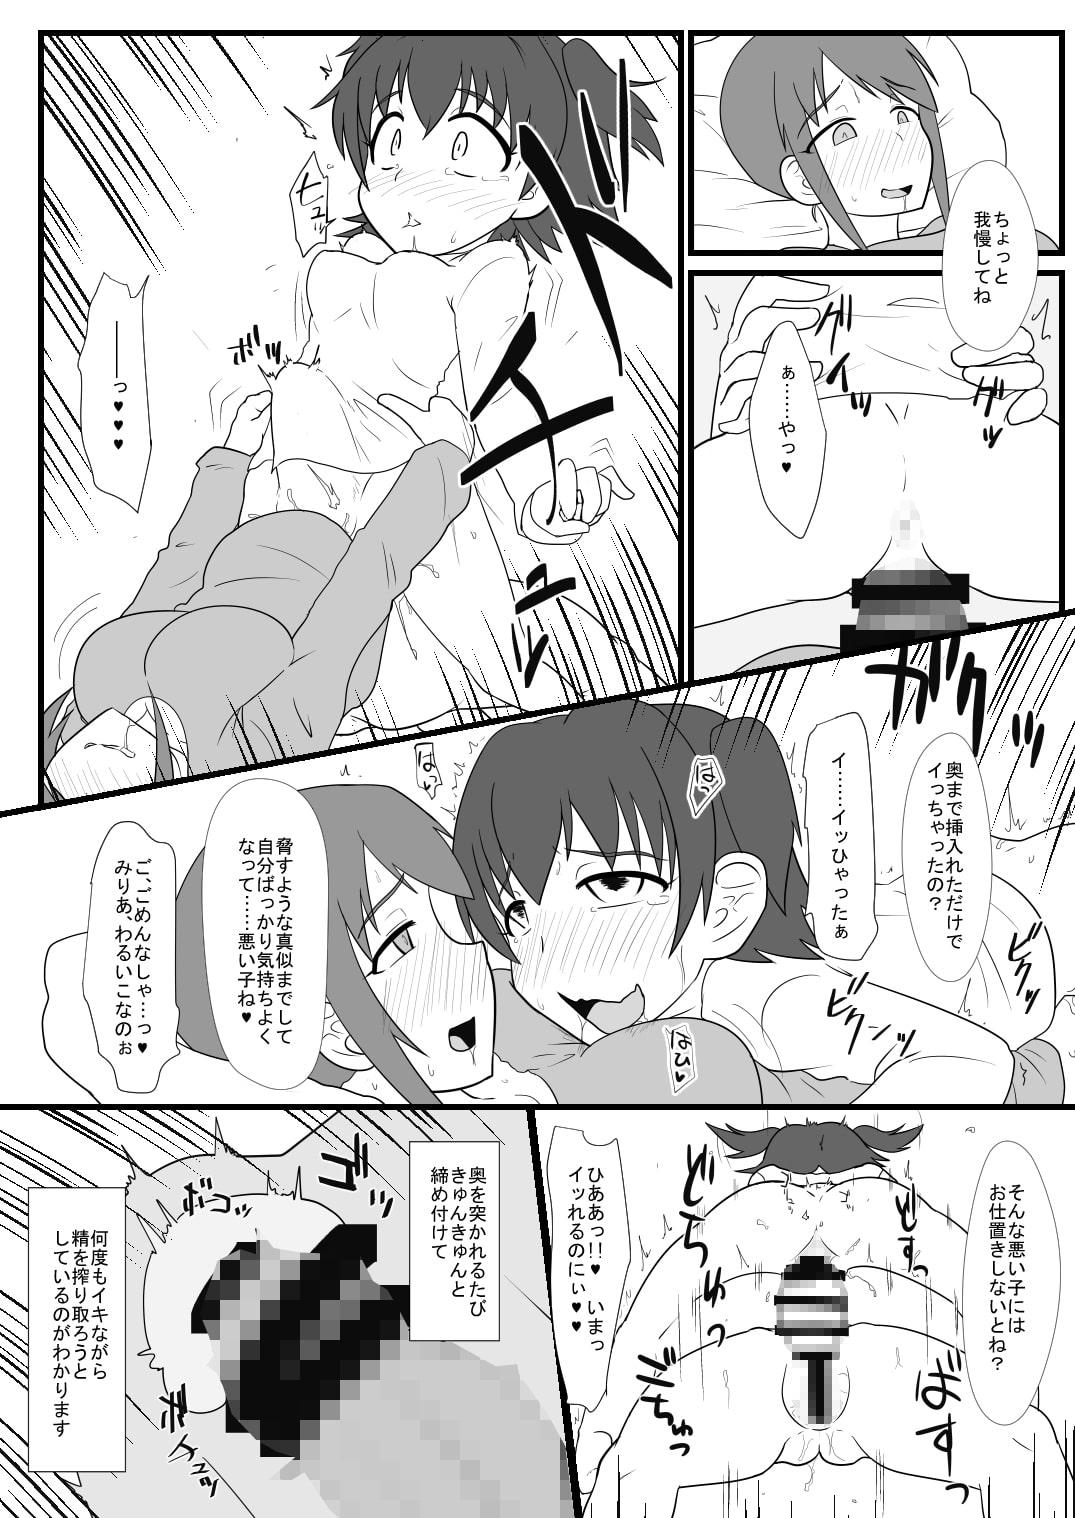 ○○○レイパーふたなりアイドル3